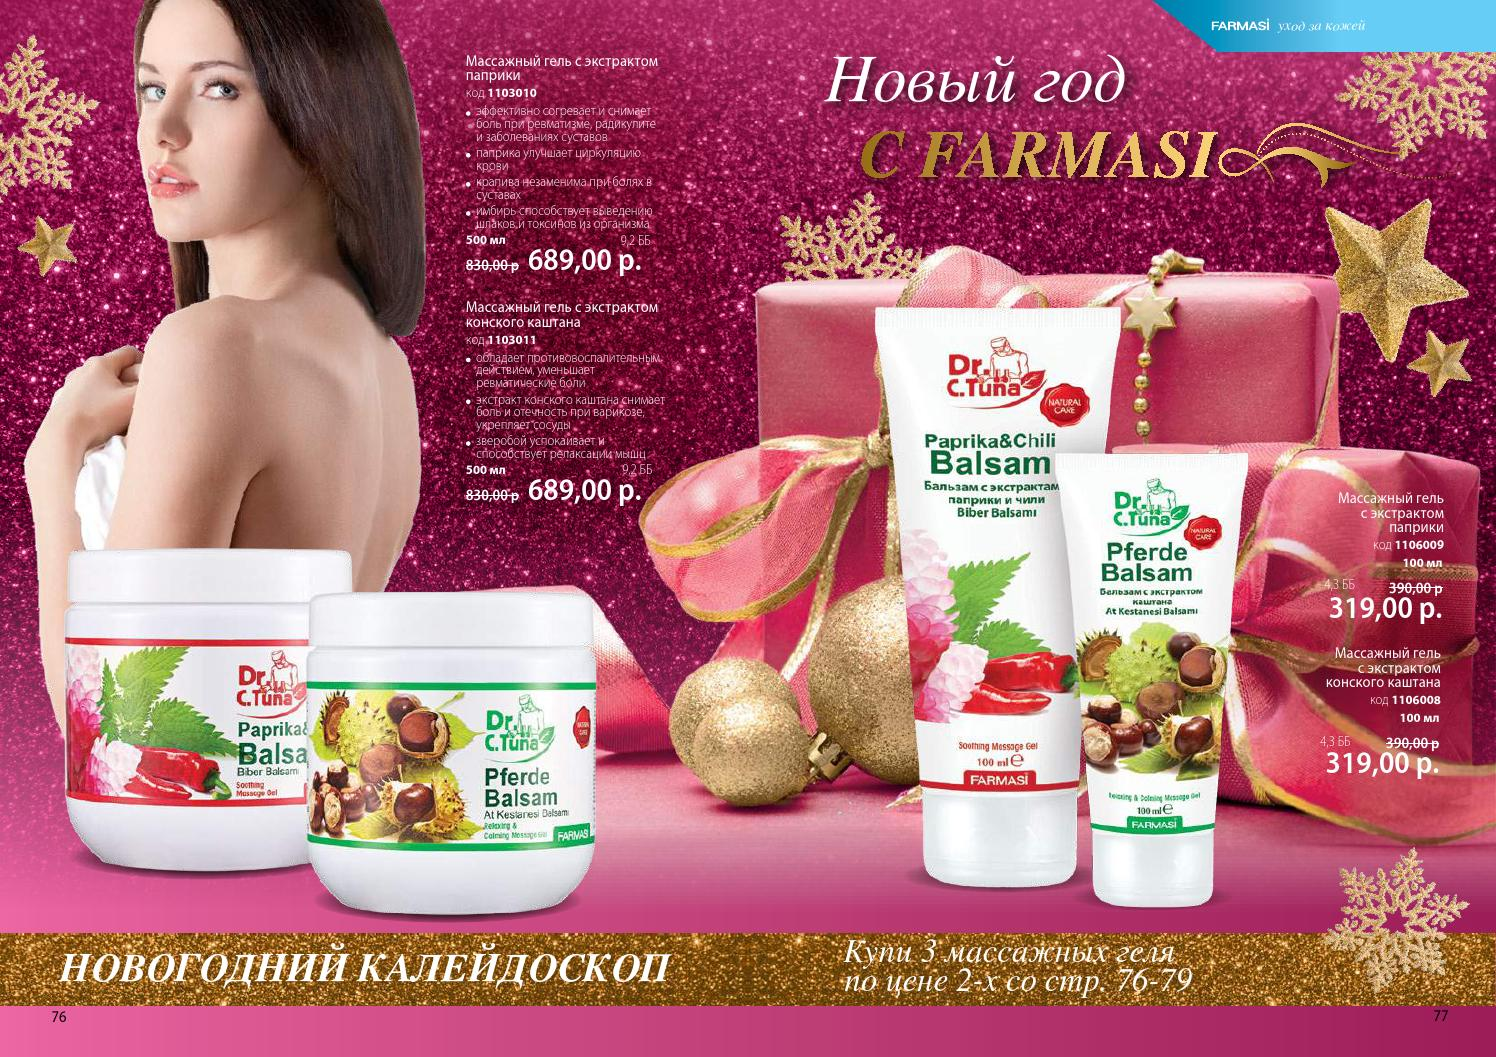 Купить косметику фармаси в россии профессиональная косметика для маникюра купить в